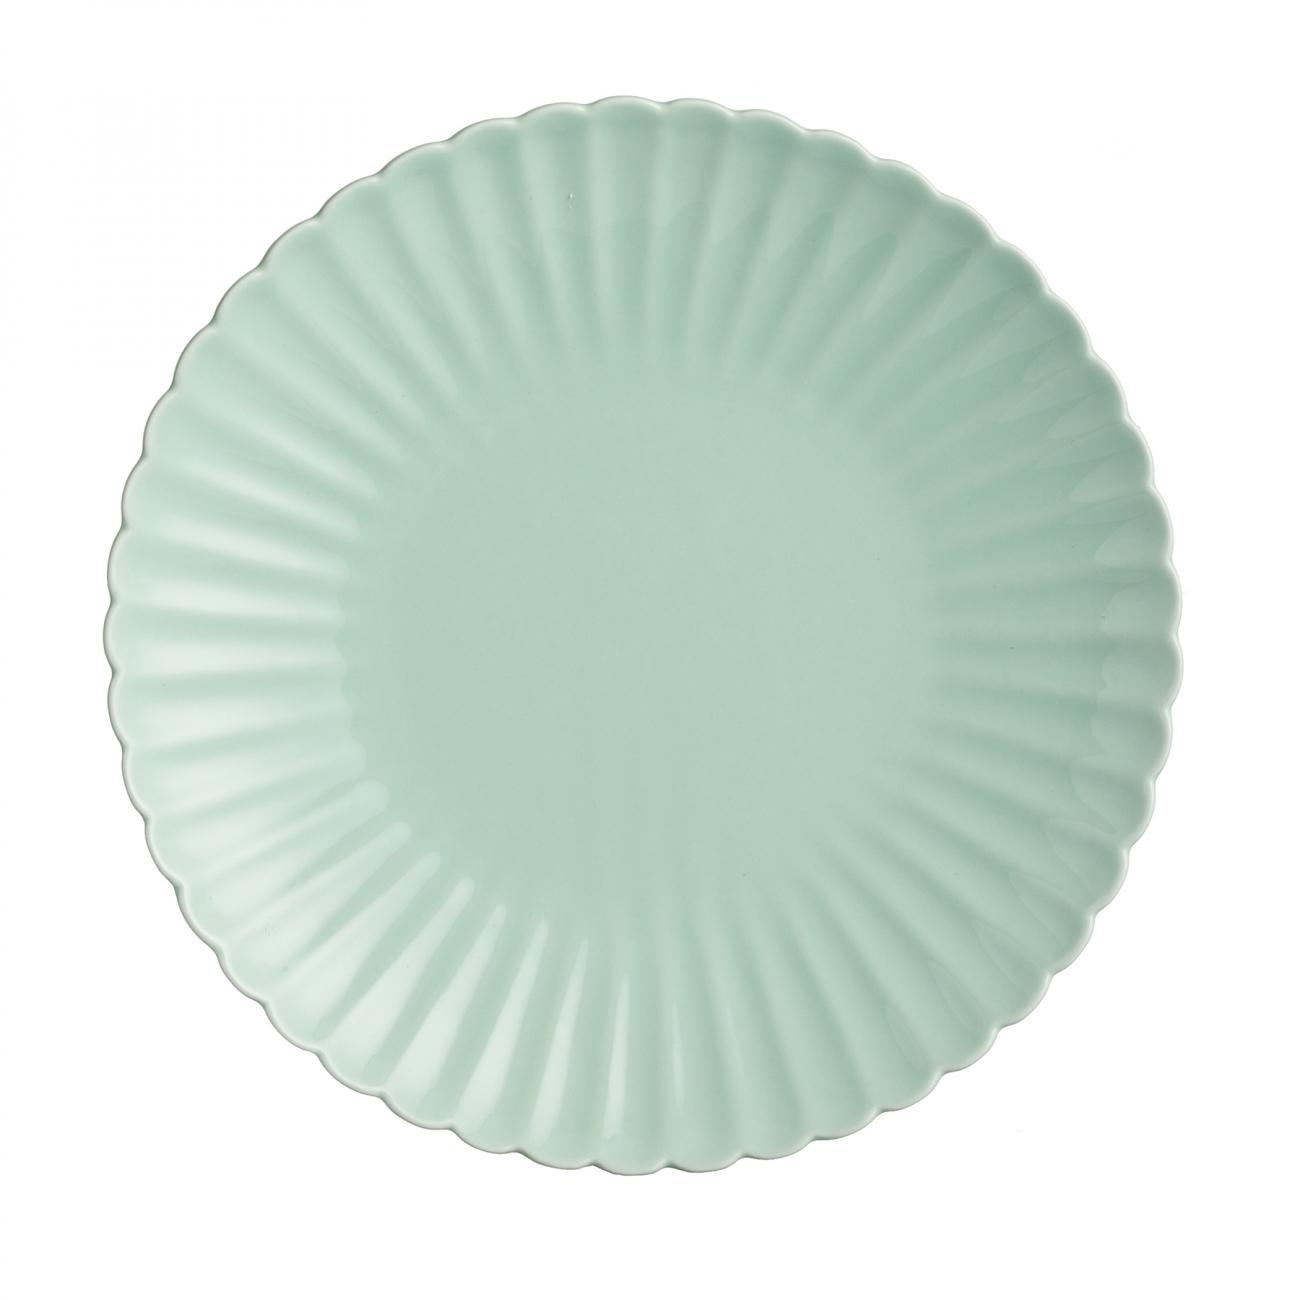 Купить Тарелка Coral Мятная в интернет магазине дизайнерской мебели и аксессуаров для дома и дачи